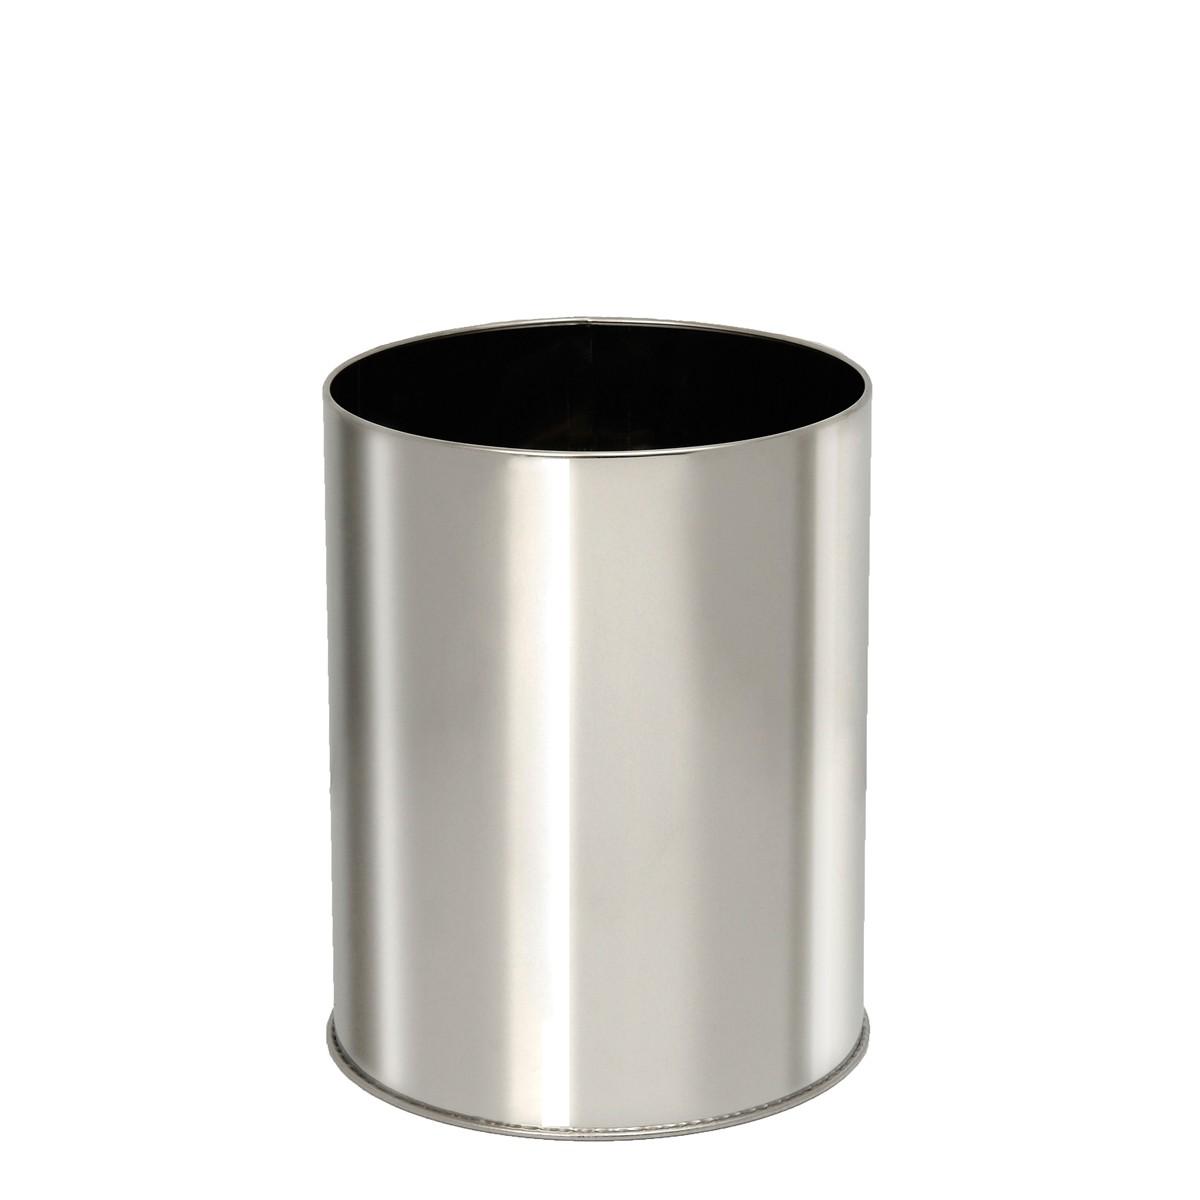 Καλάθι Απορριμάτων (23×27) PamCo 10Lit 2327 Inox 73175